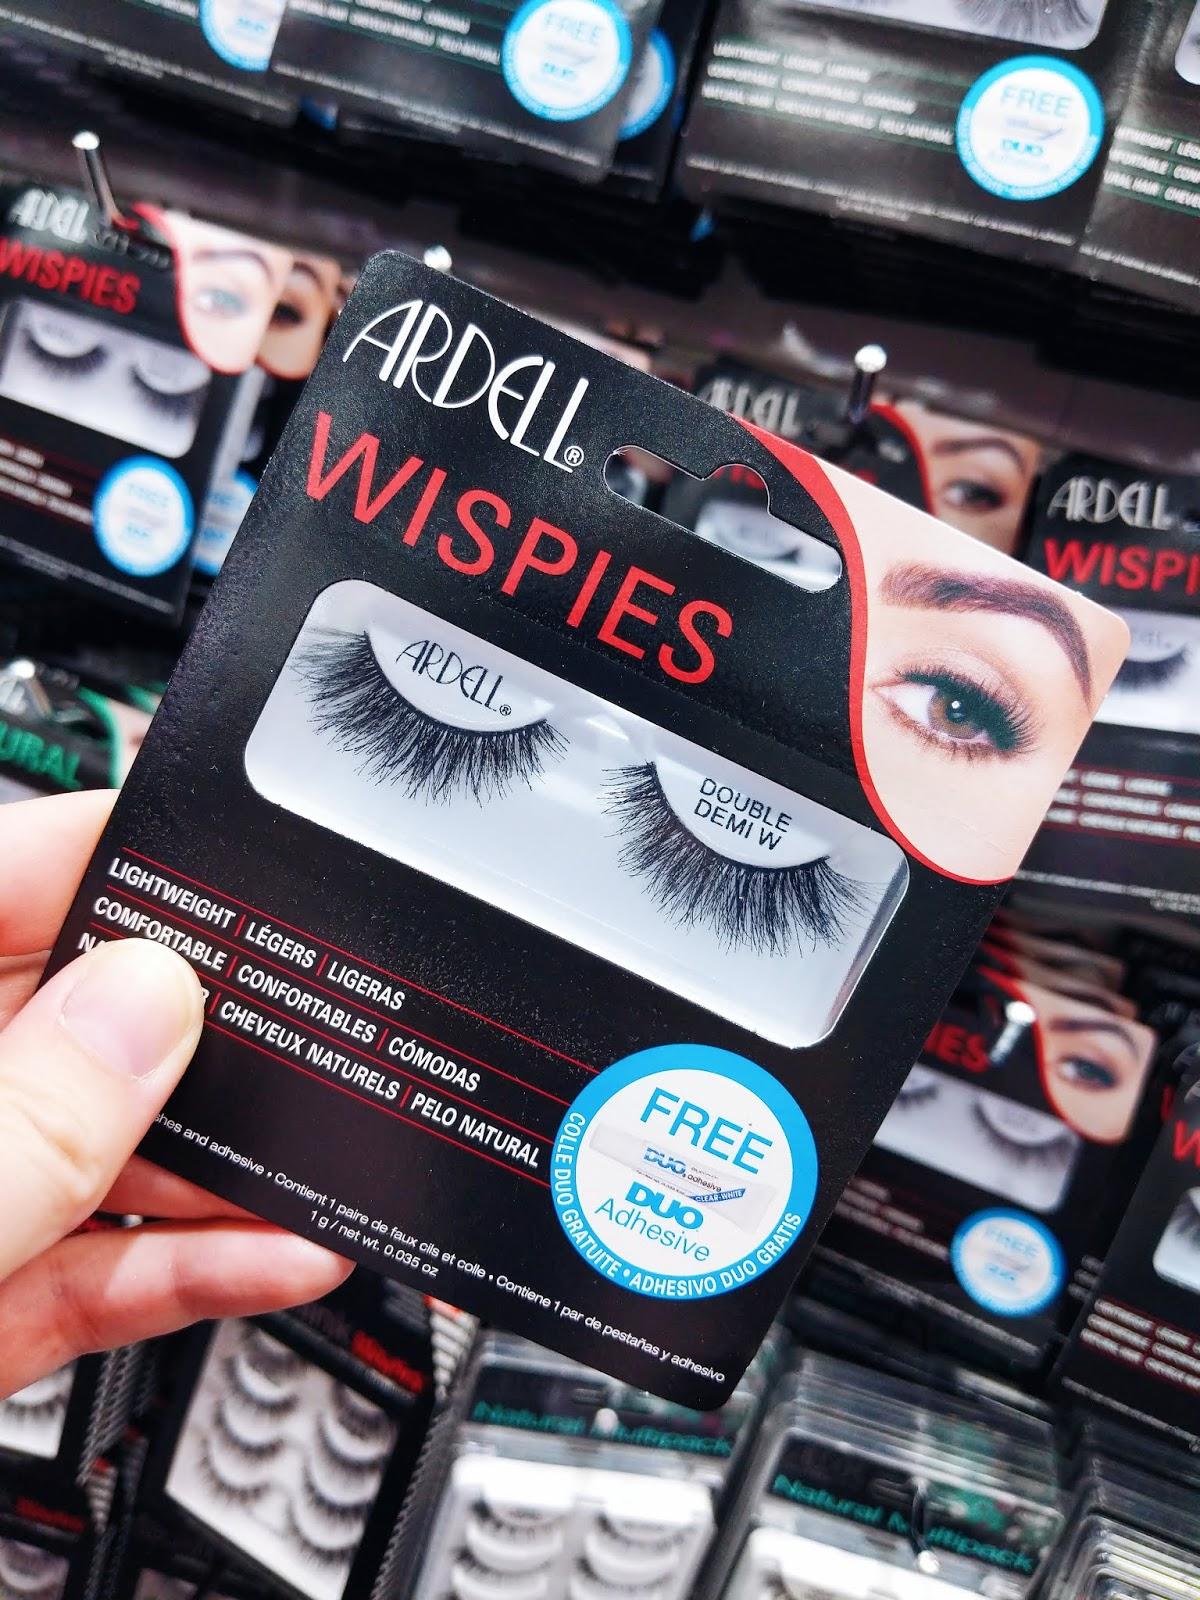 Ardell_Wispies_False_Eyelashes